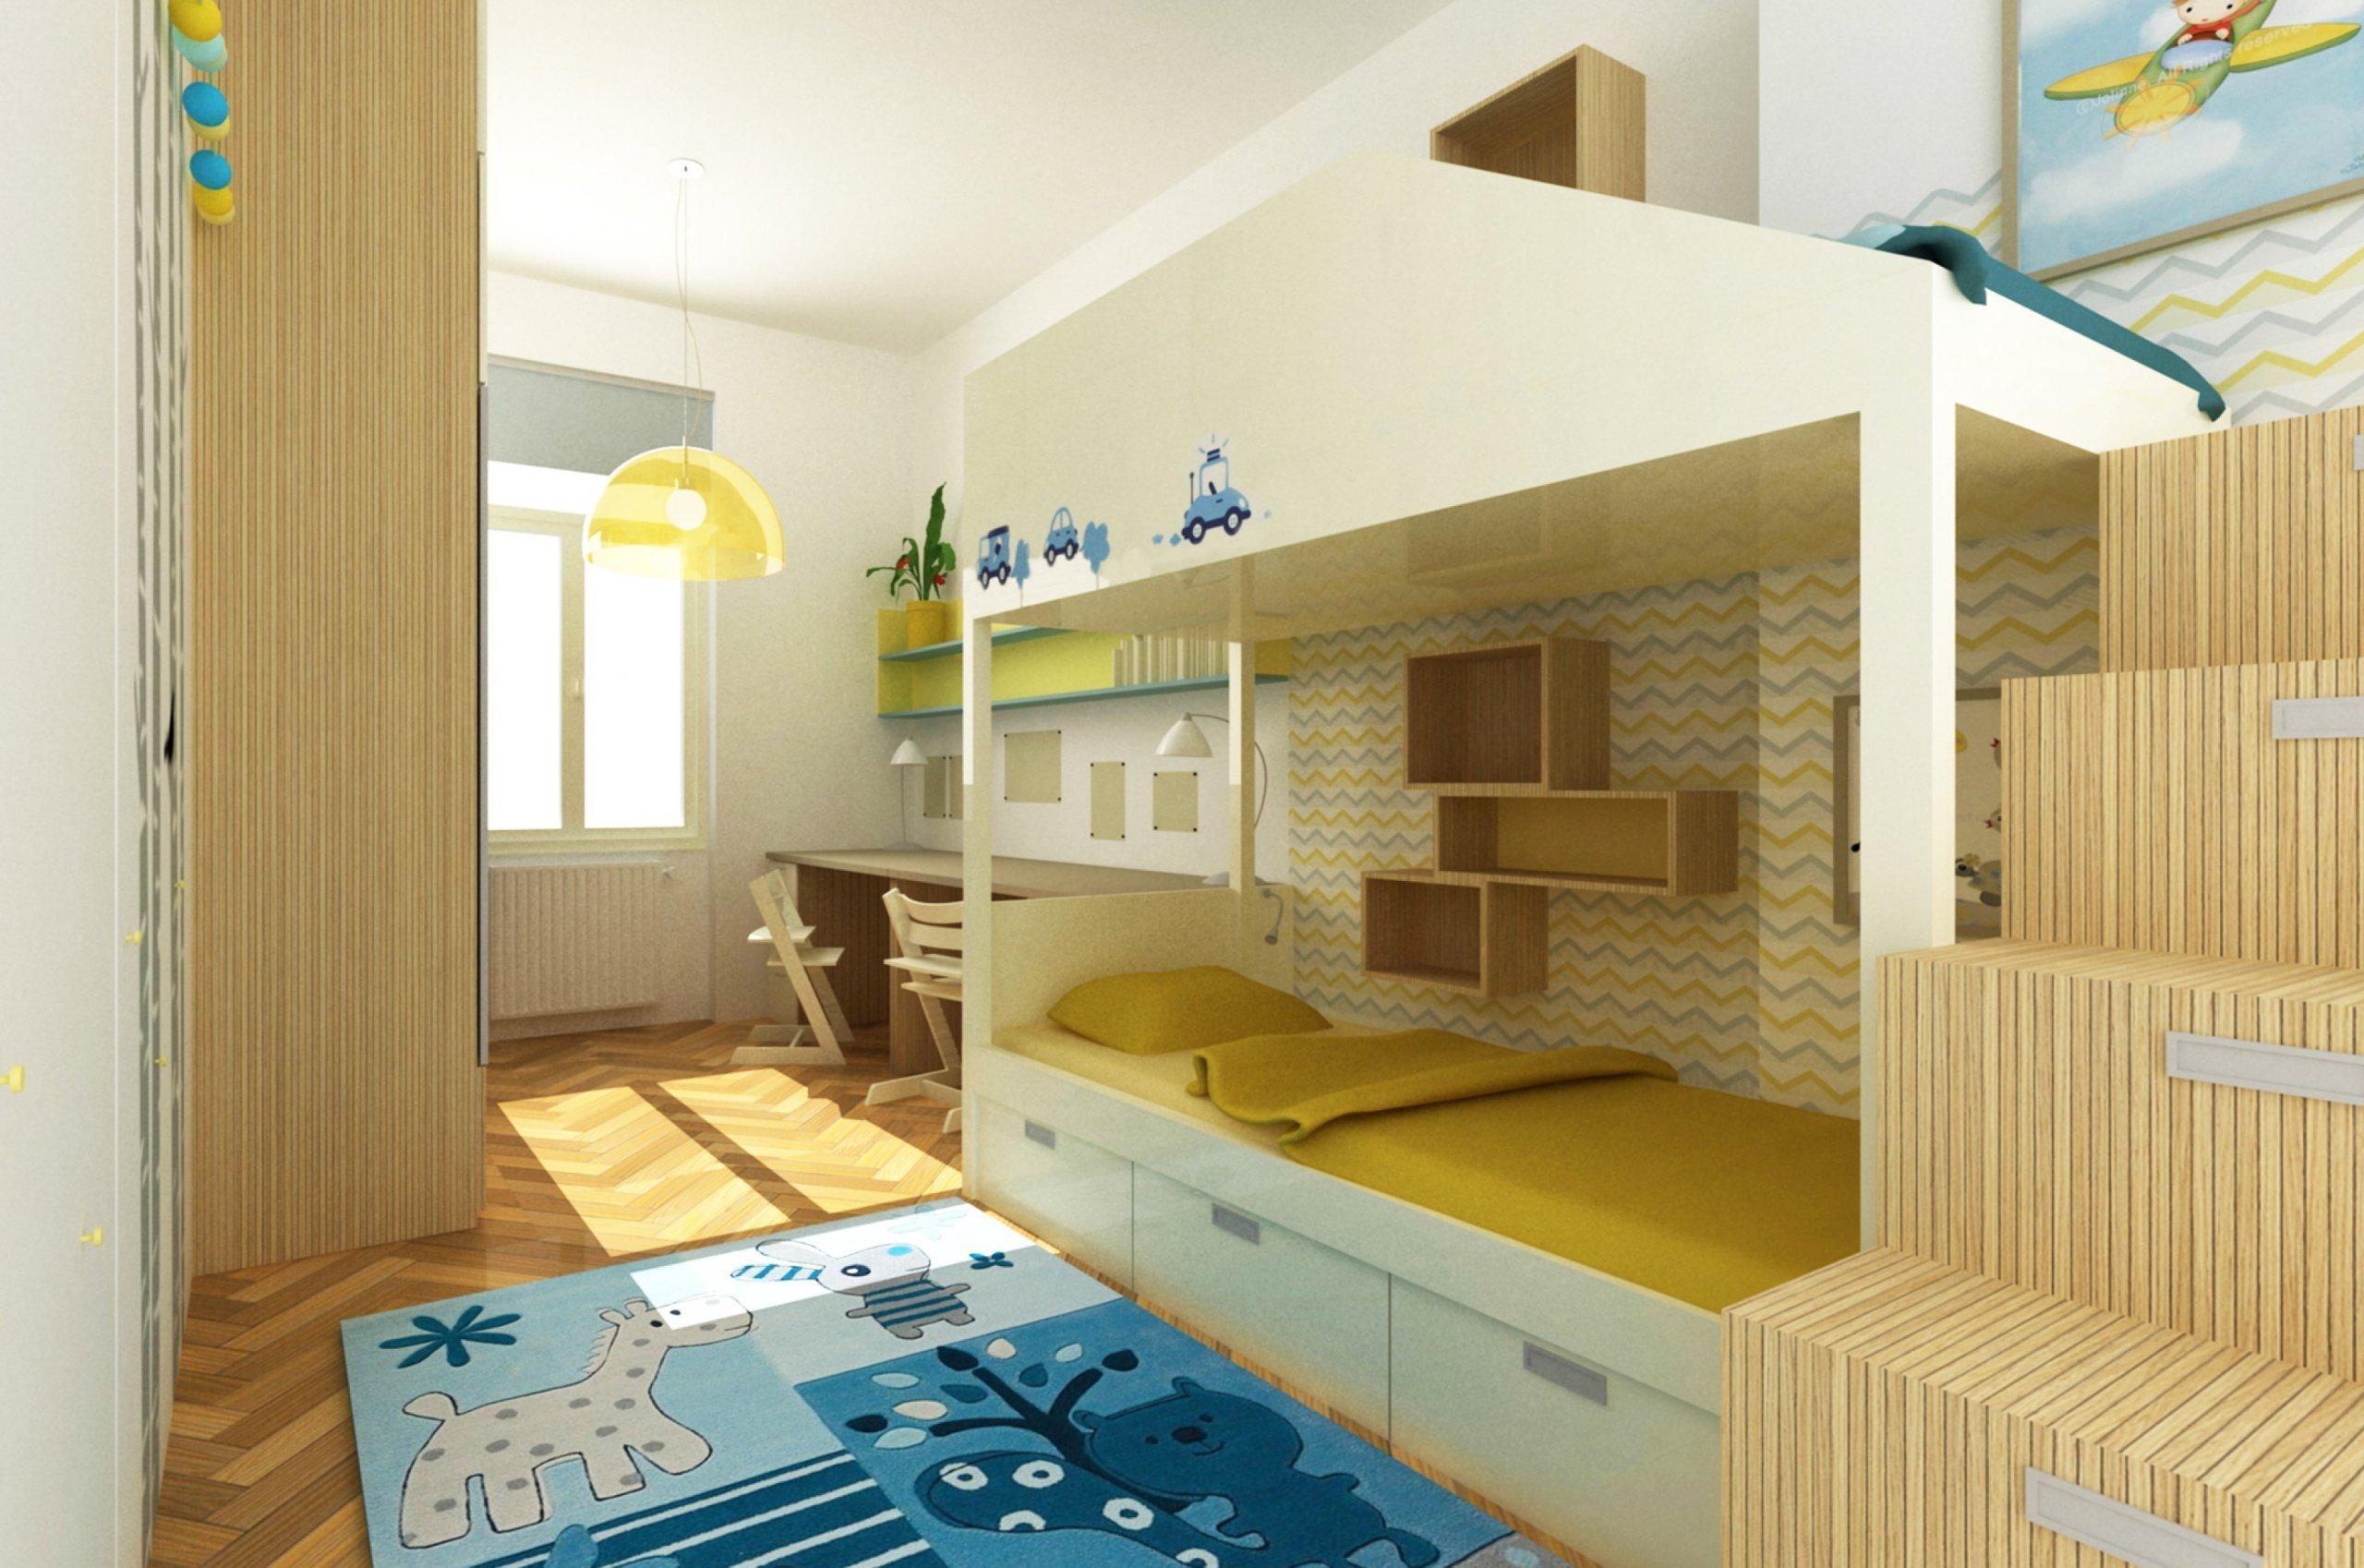 Návrh dětského pokoje v celkem úzkém prostoru, realizováno 2014.